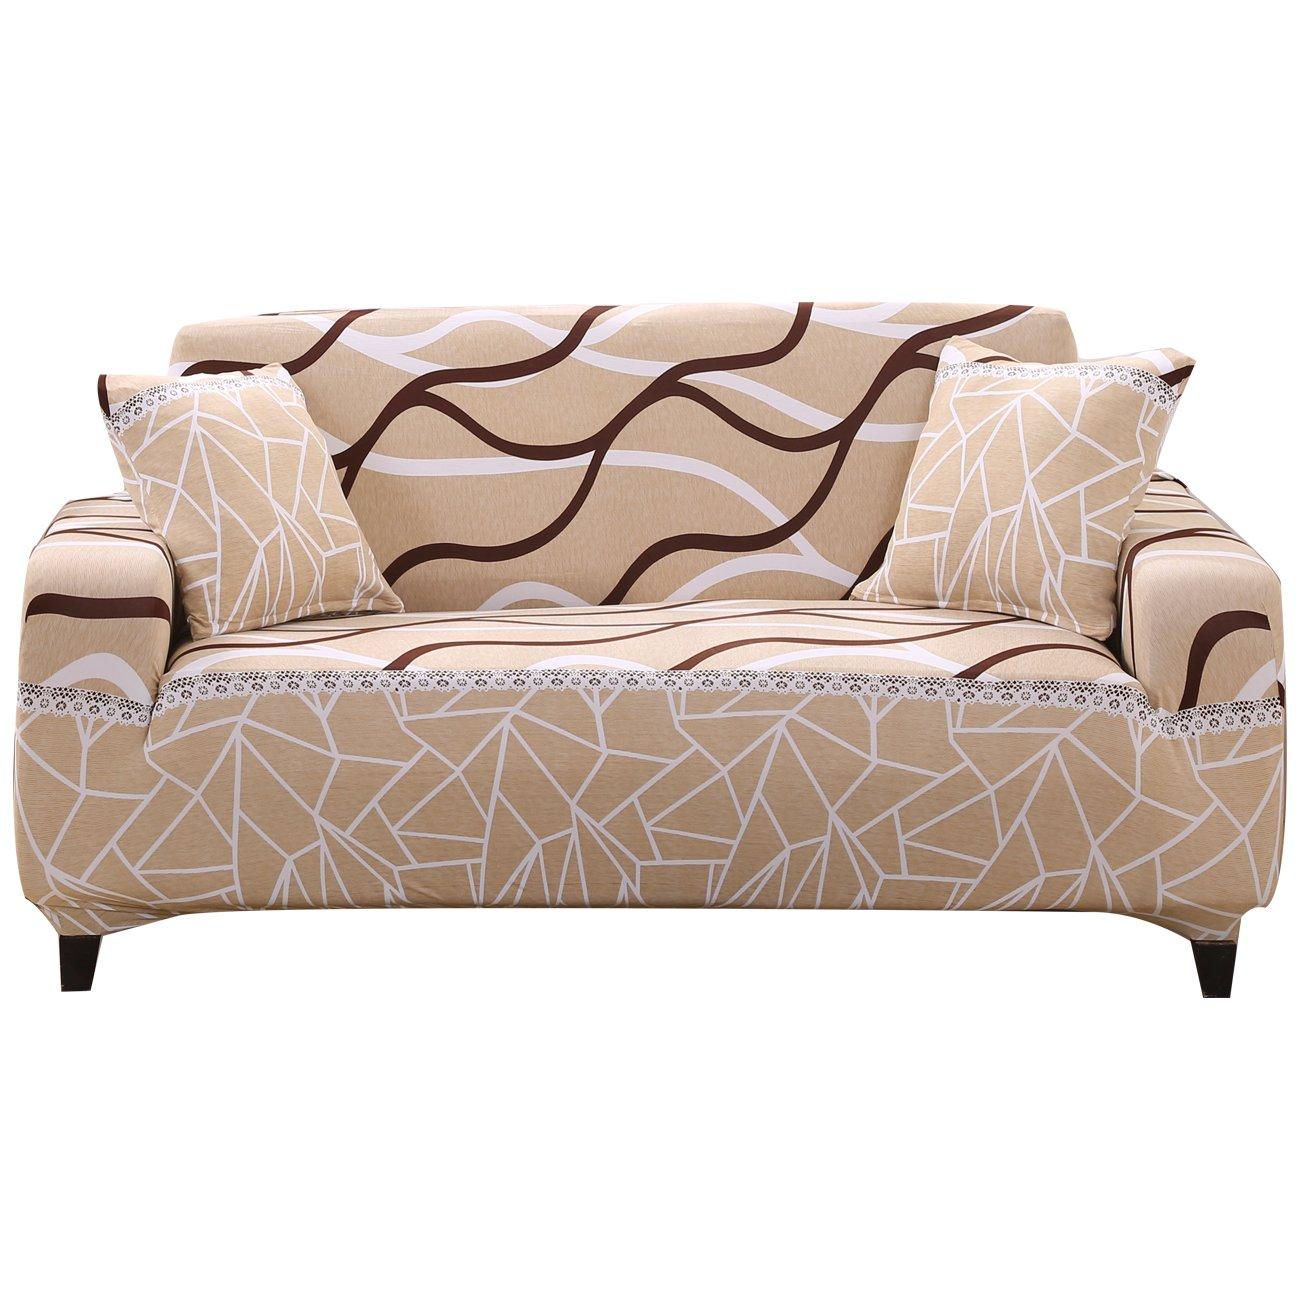 Copridivano 1/2/3/4posti divano divano fodera poltrona tratto Love Seat Covers Couch Settee Furniture Protector, Tessuto, Pattern #1, 1 Searter FORCHEER